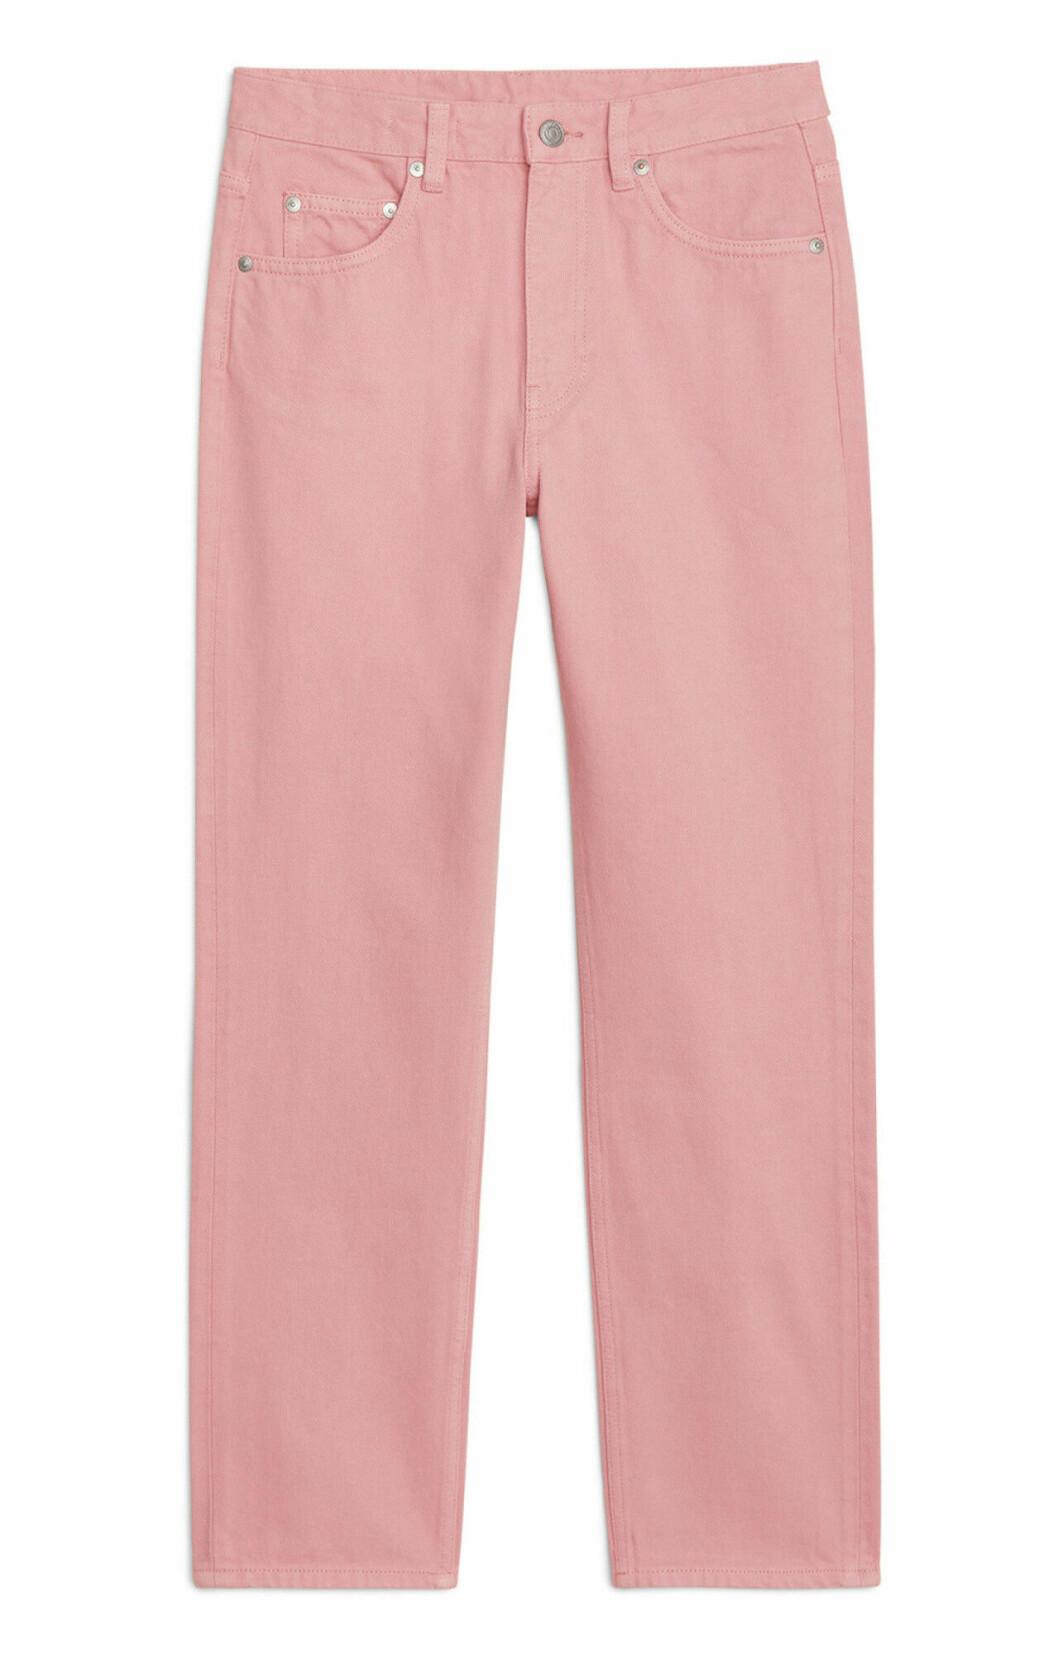 Rosa jeans för dam till våren 2019